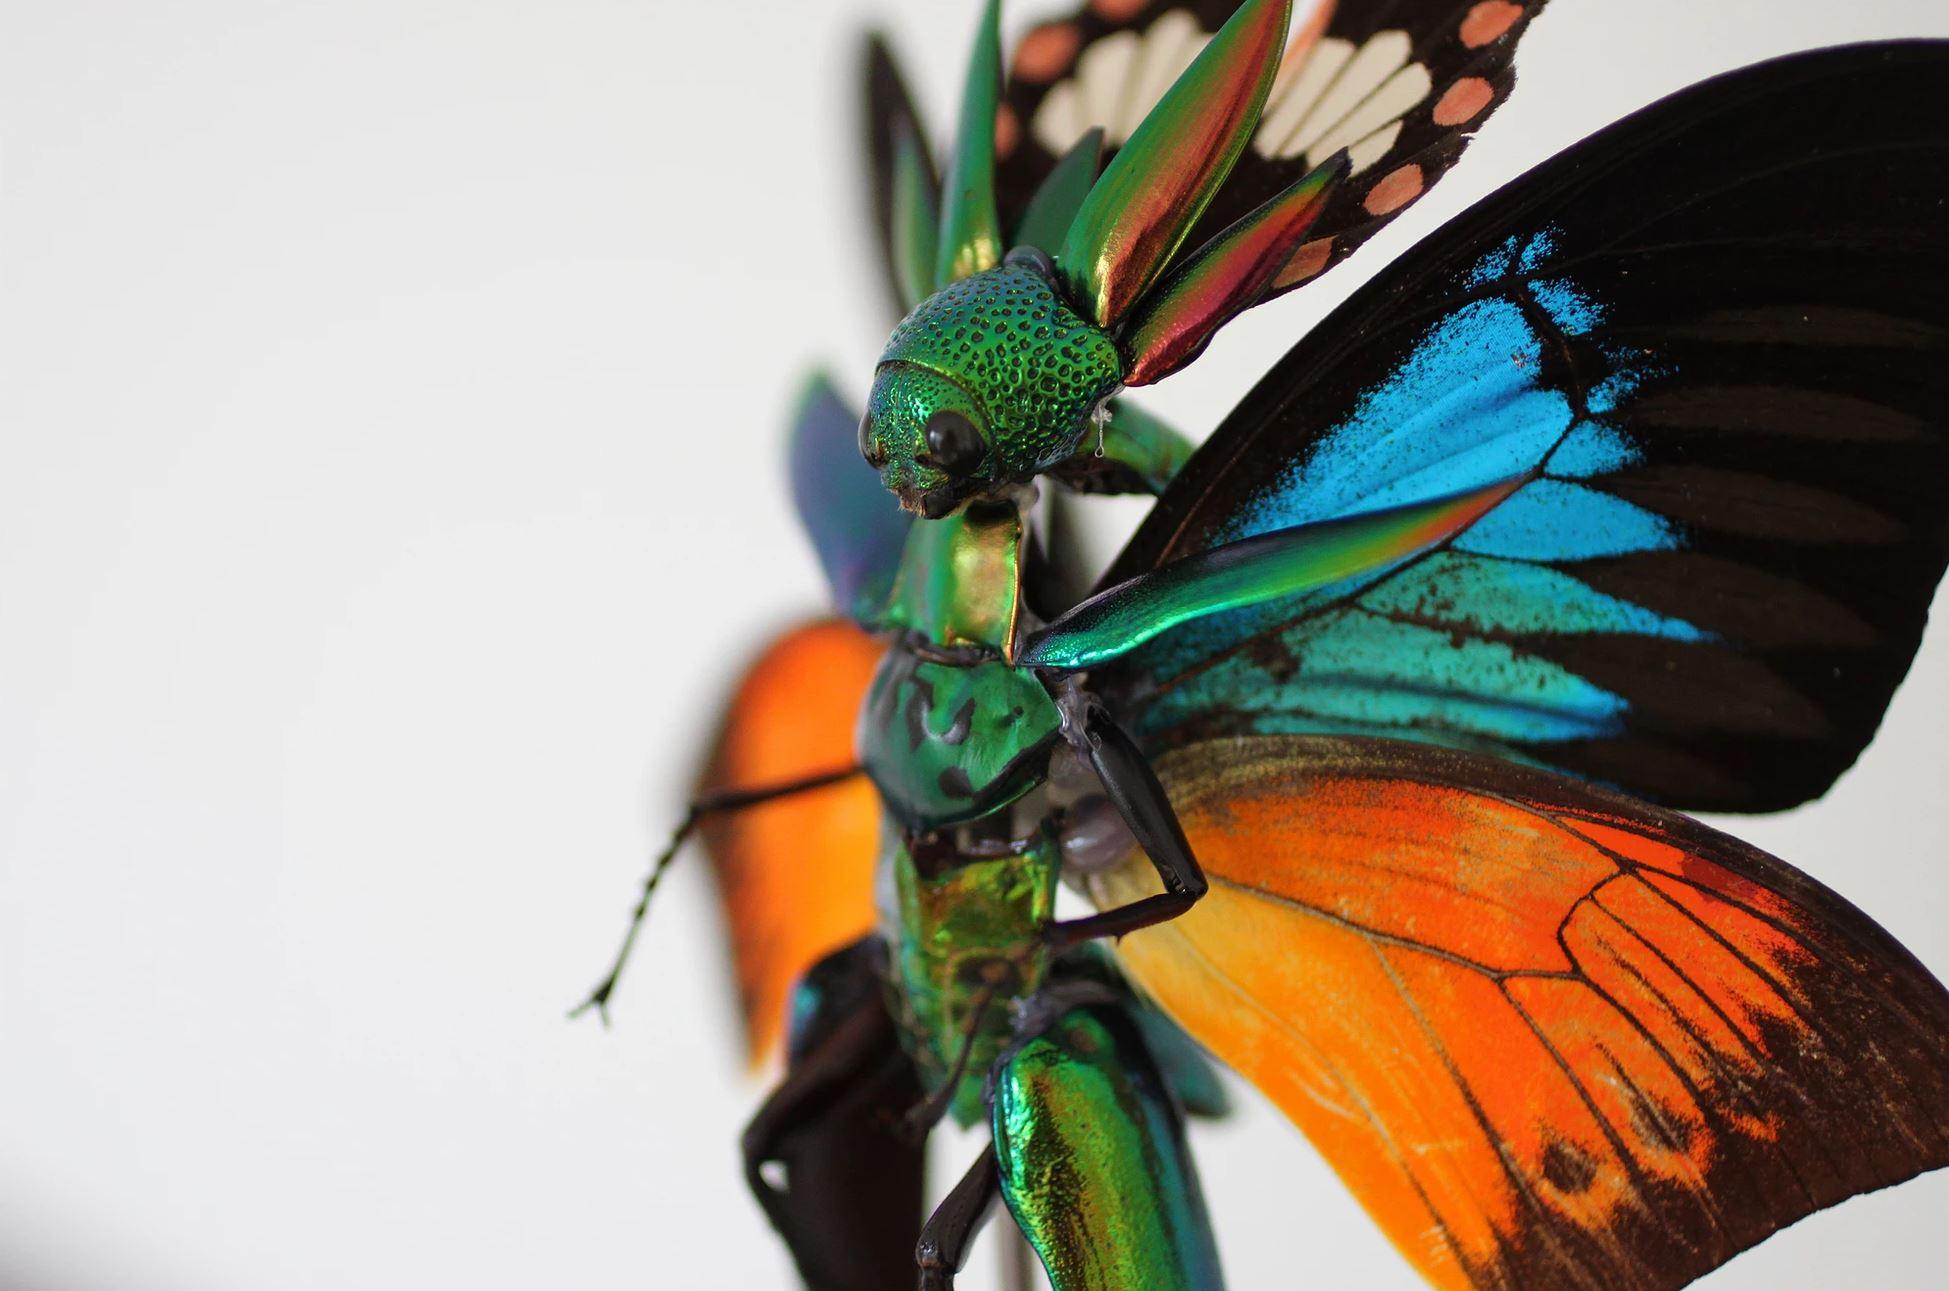 Fada feita com partes de insetos